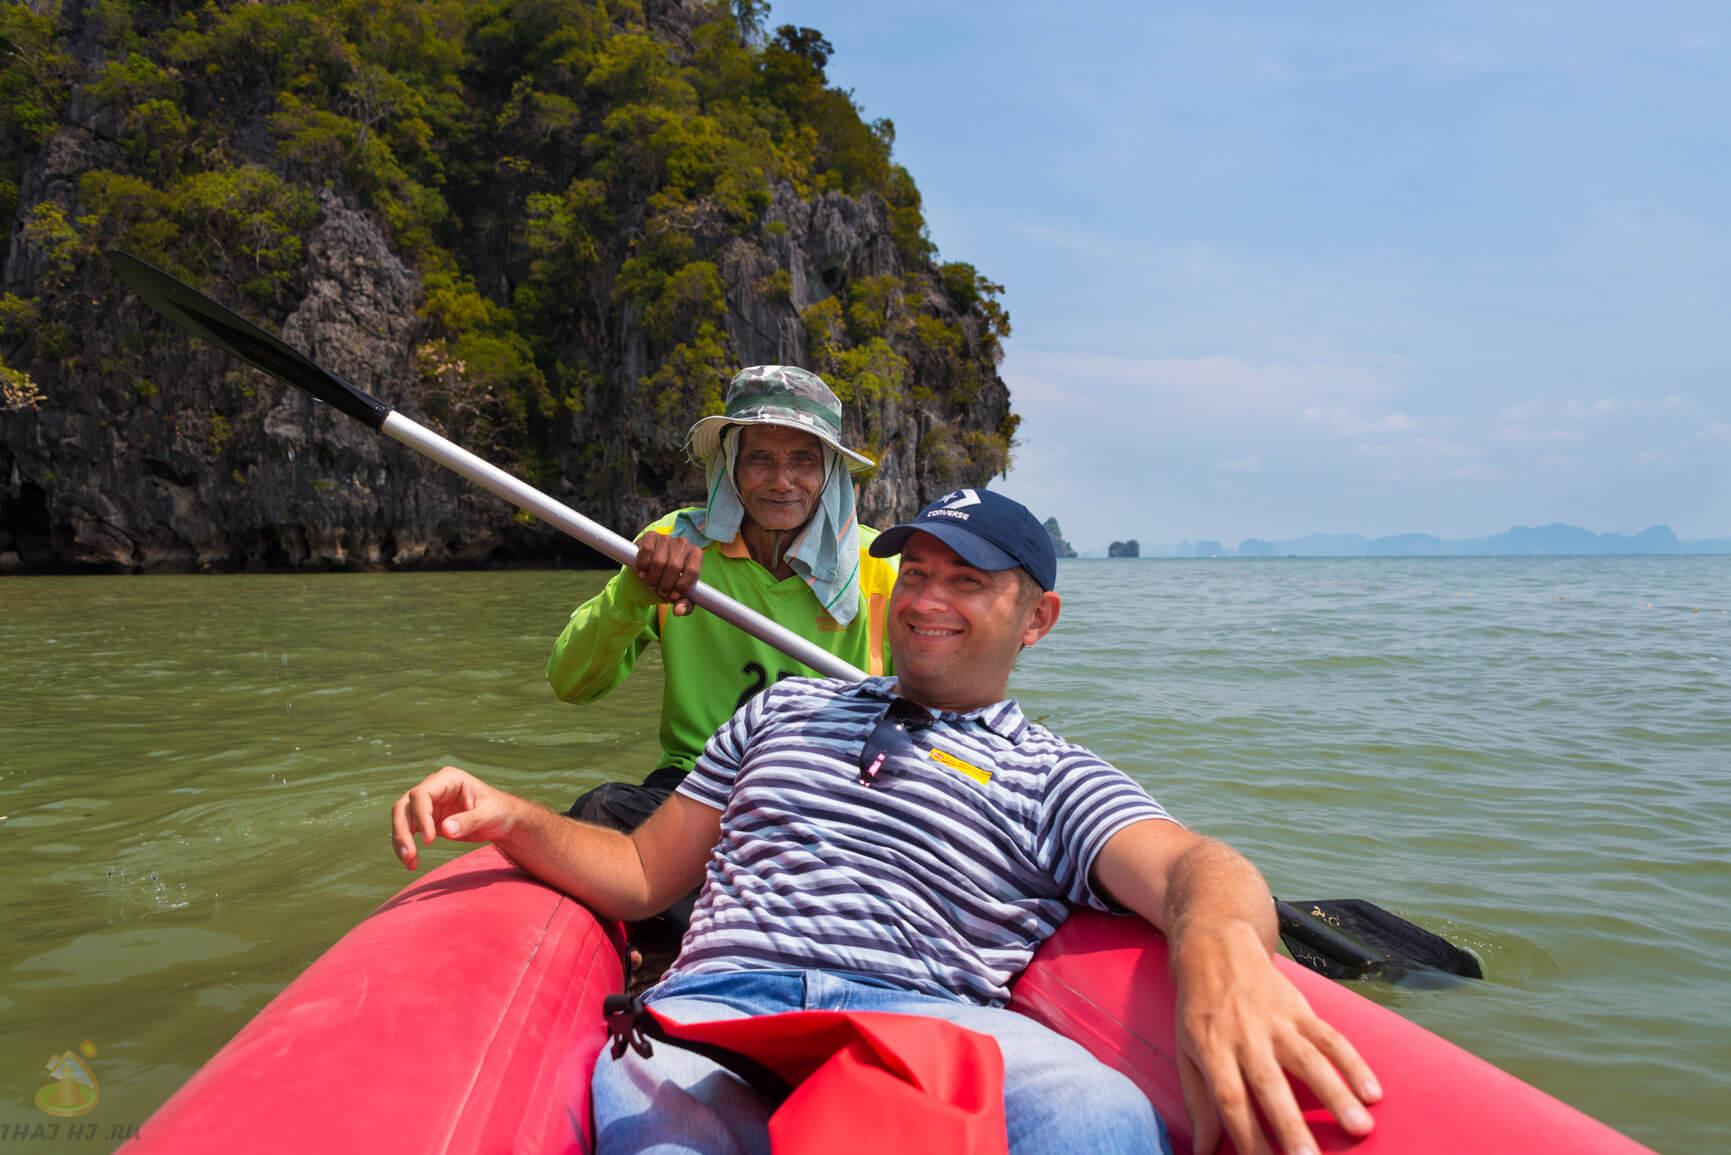 Катание на каноэ в Таиланде